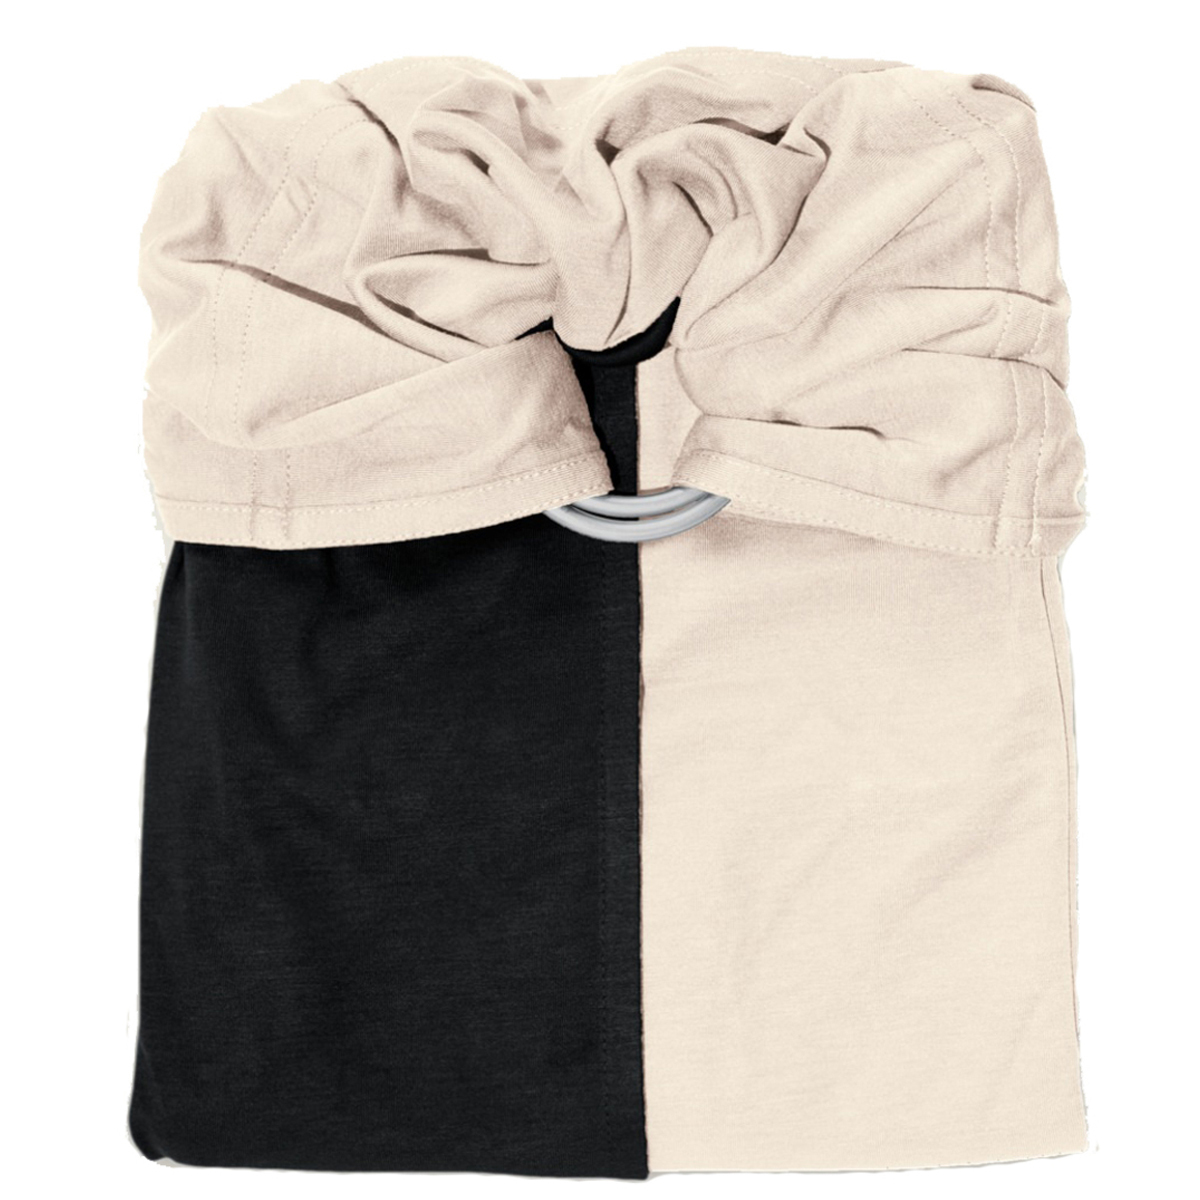 Porte bébé La Petite Echarpe sans Noeud - Noir et Ecru La Petite Echarpe sans Noeud - Noir et Ecru